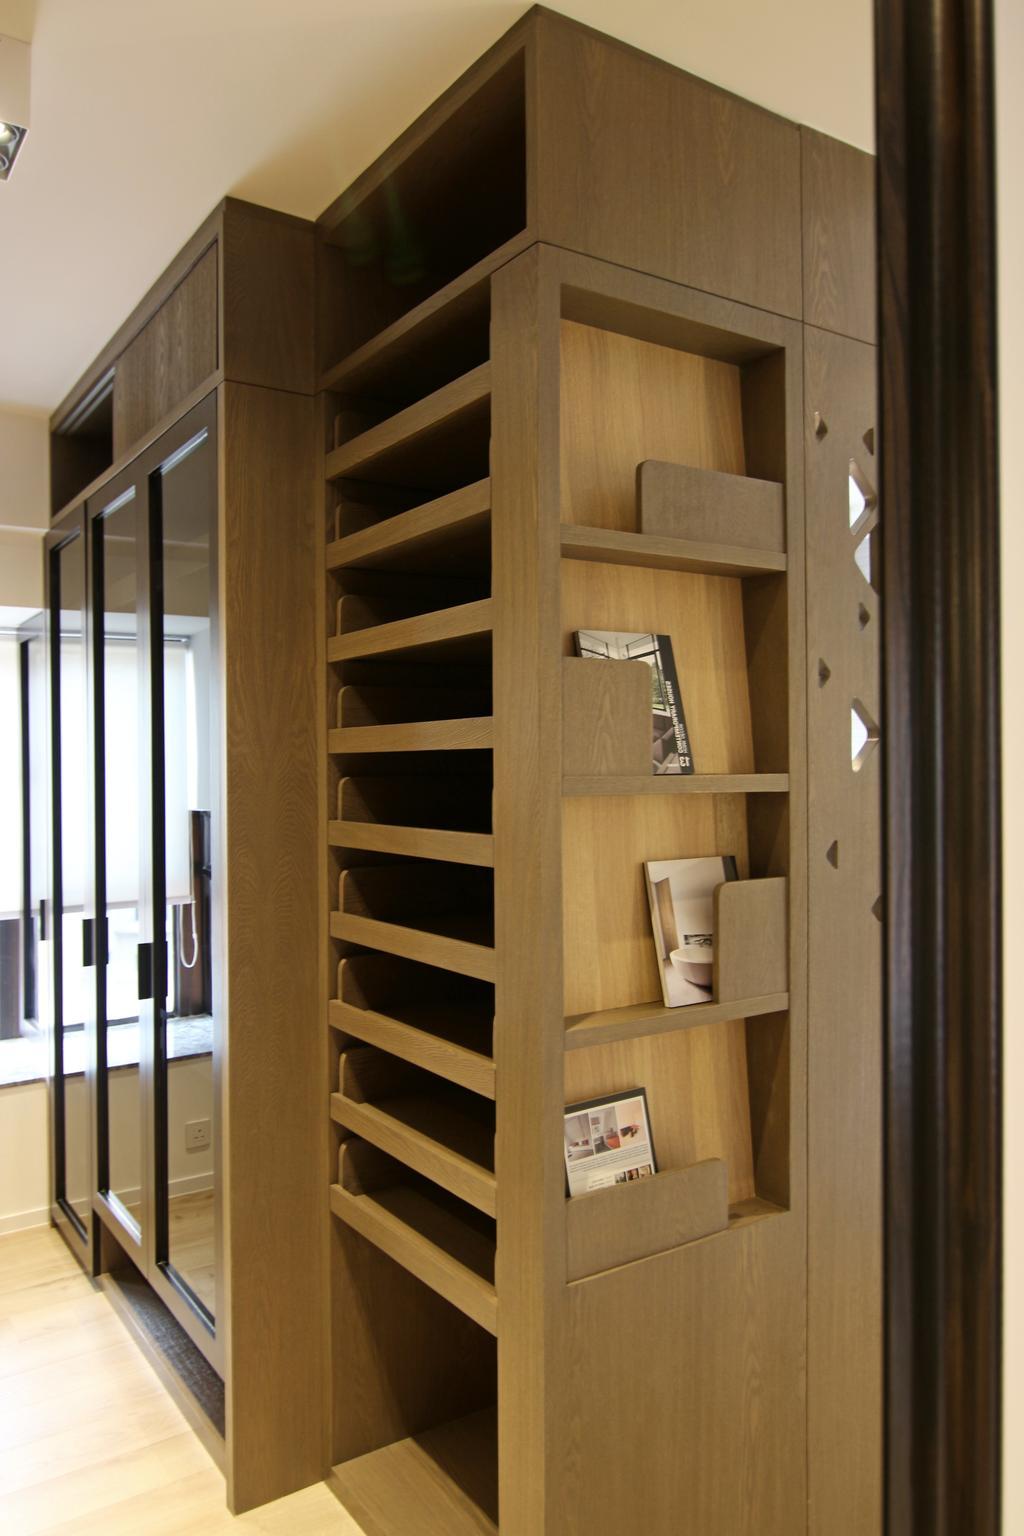 私家樓, 睡房, 聚龍居, 室內設計師, Bel Concetto, Door, Folding Door, Bookcase, Furniture